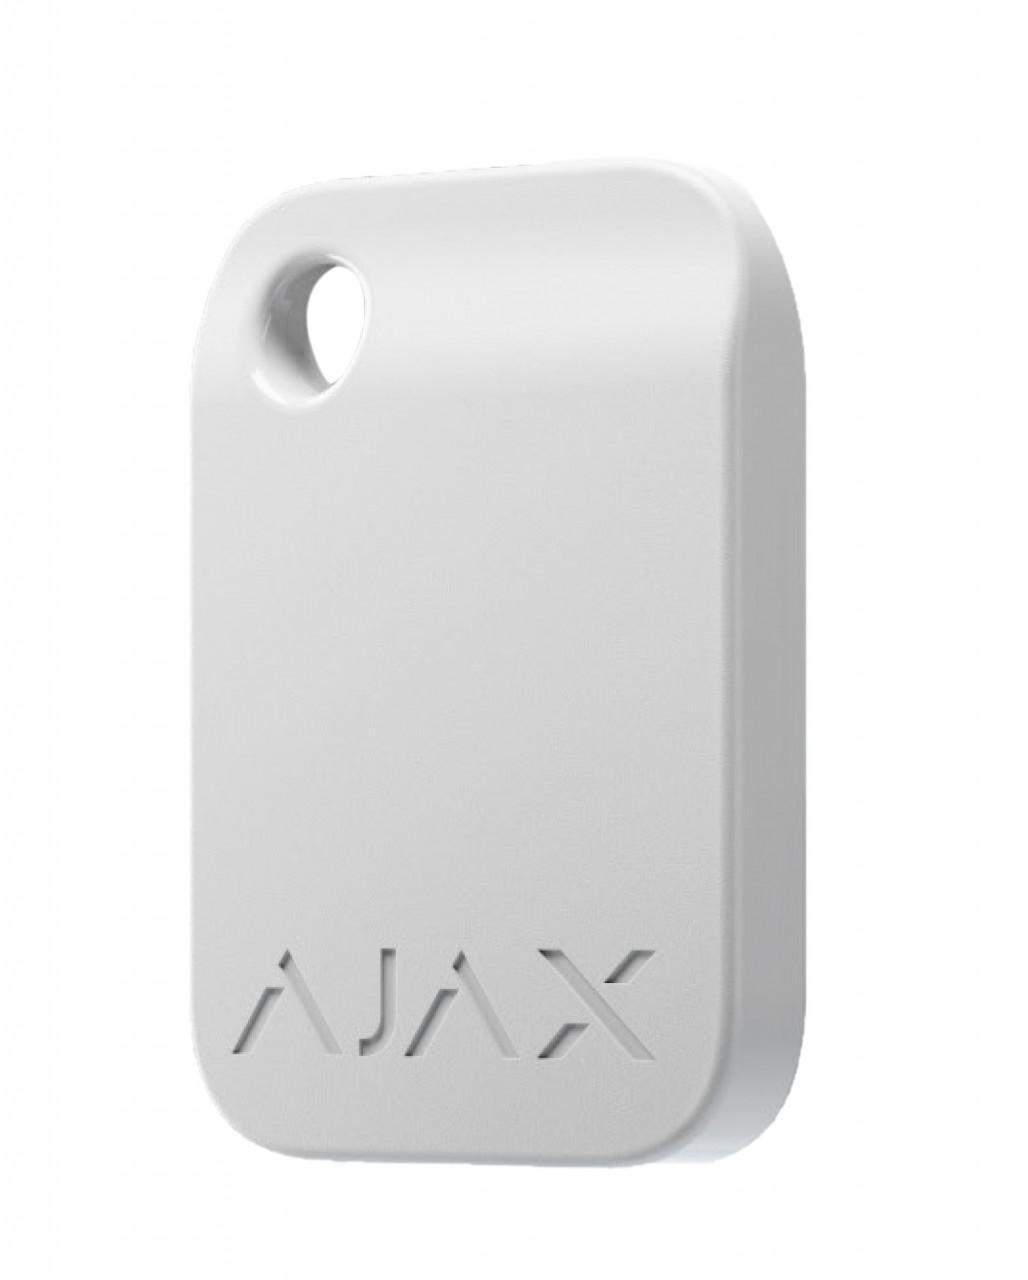 AJAXTagwhite Schlüsselanhänger Weiß (HAN 23528)